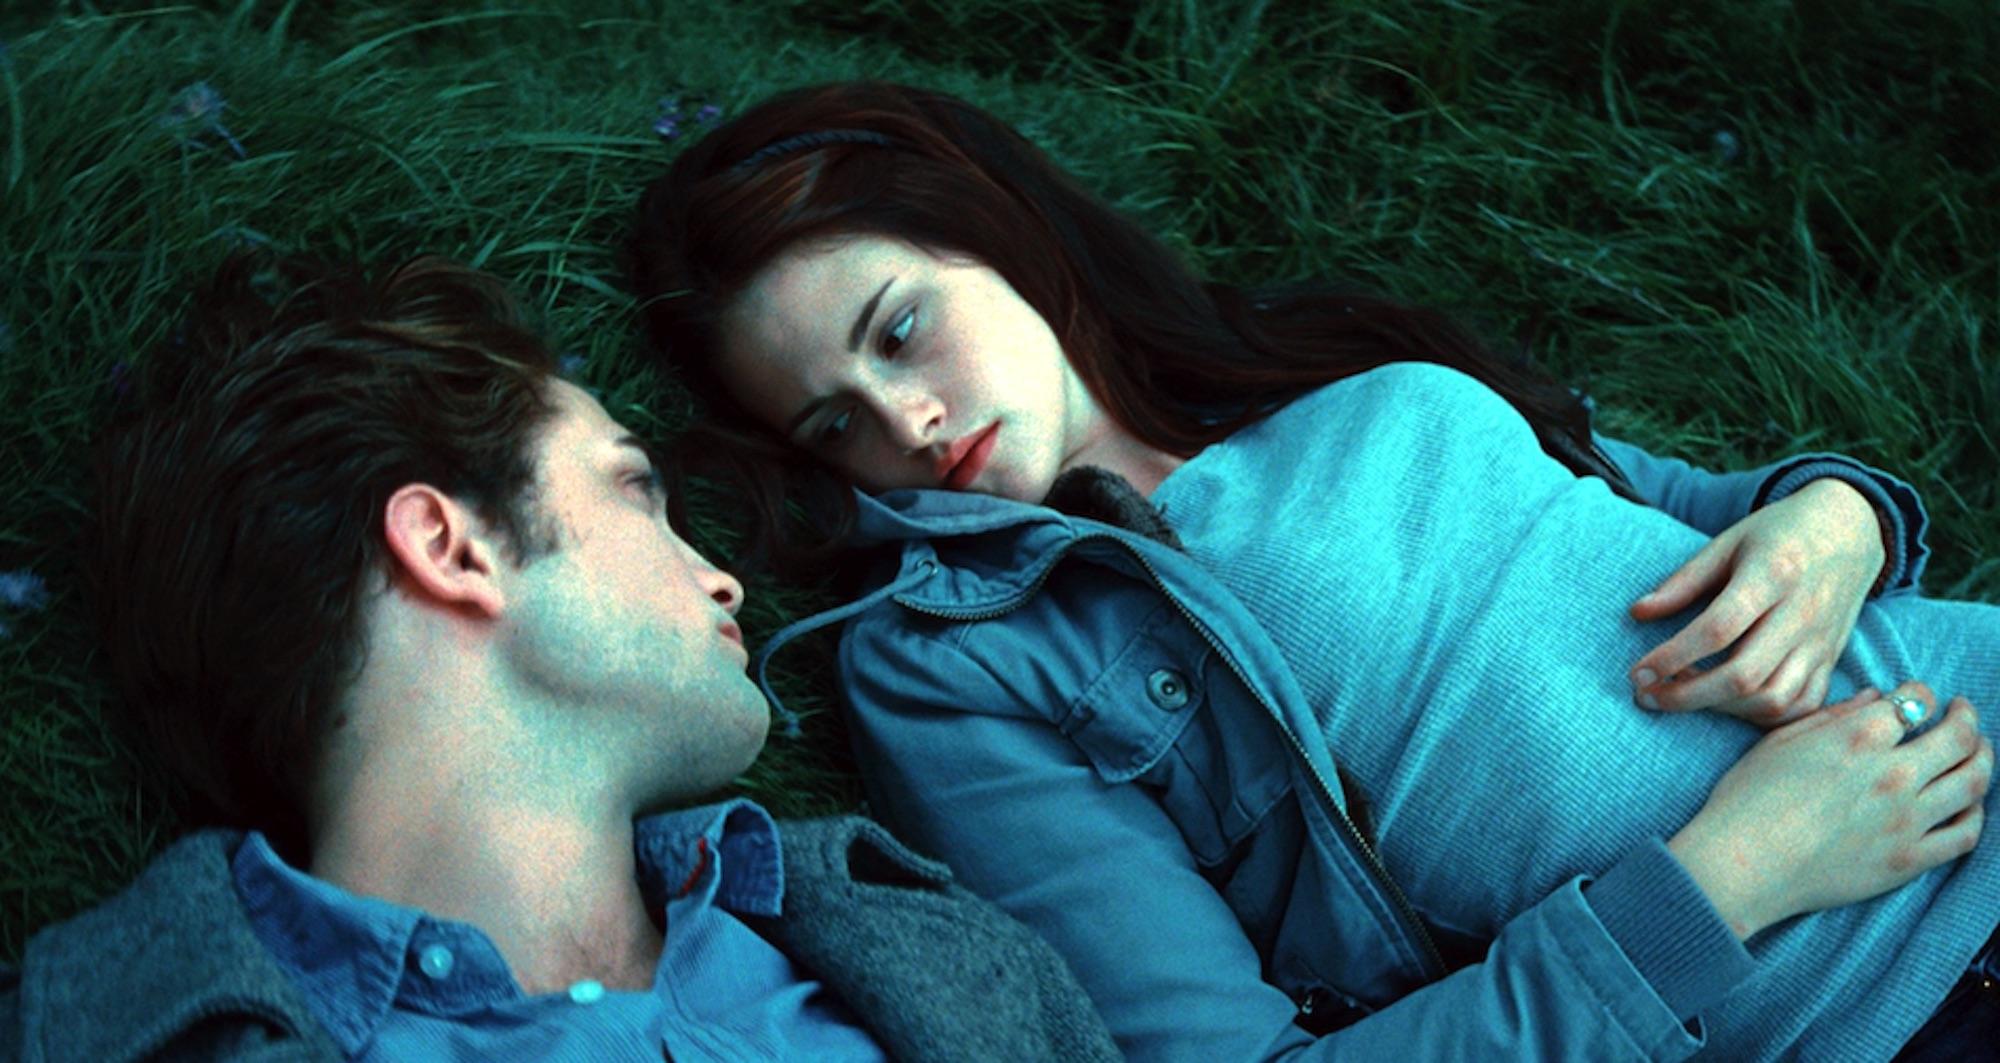 Edward Cullen (Robert Pattinson) and Bella Swan (Kristen Stewart) in their meadow in 'Twilight.'